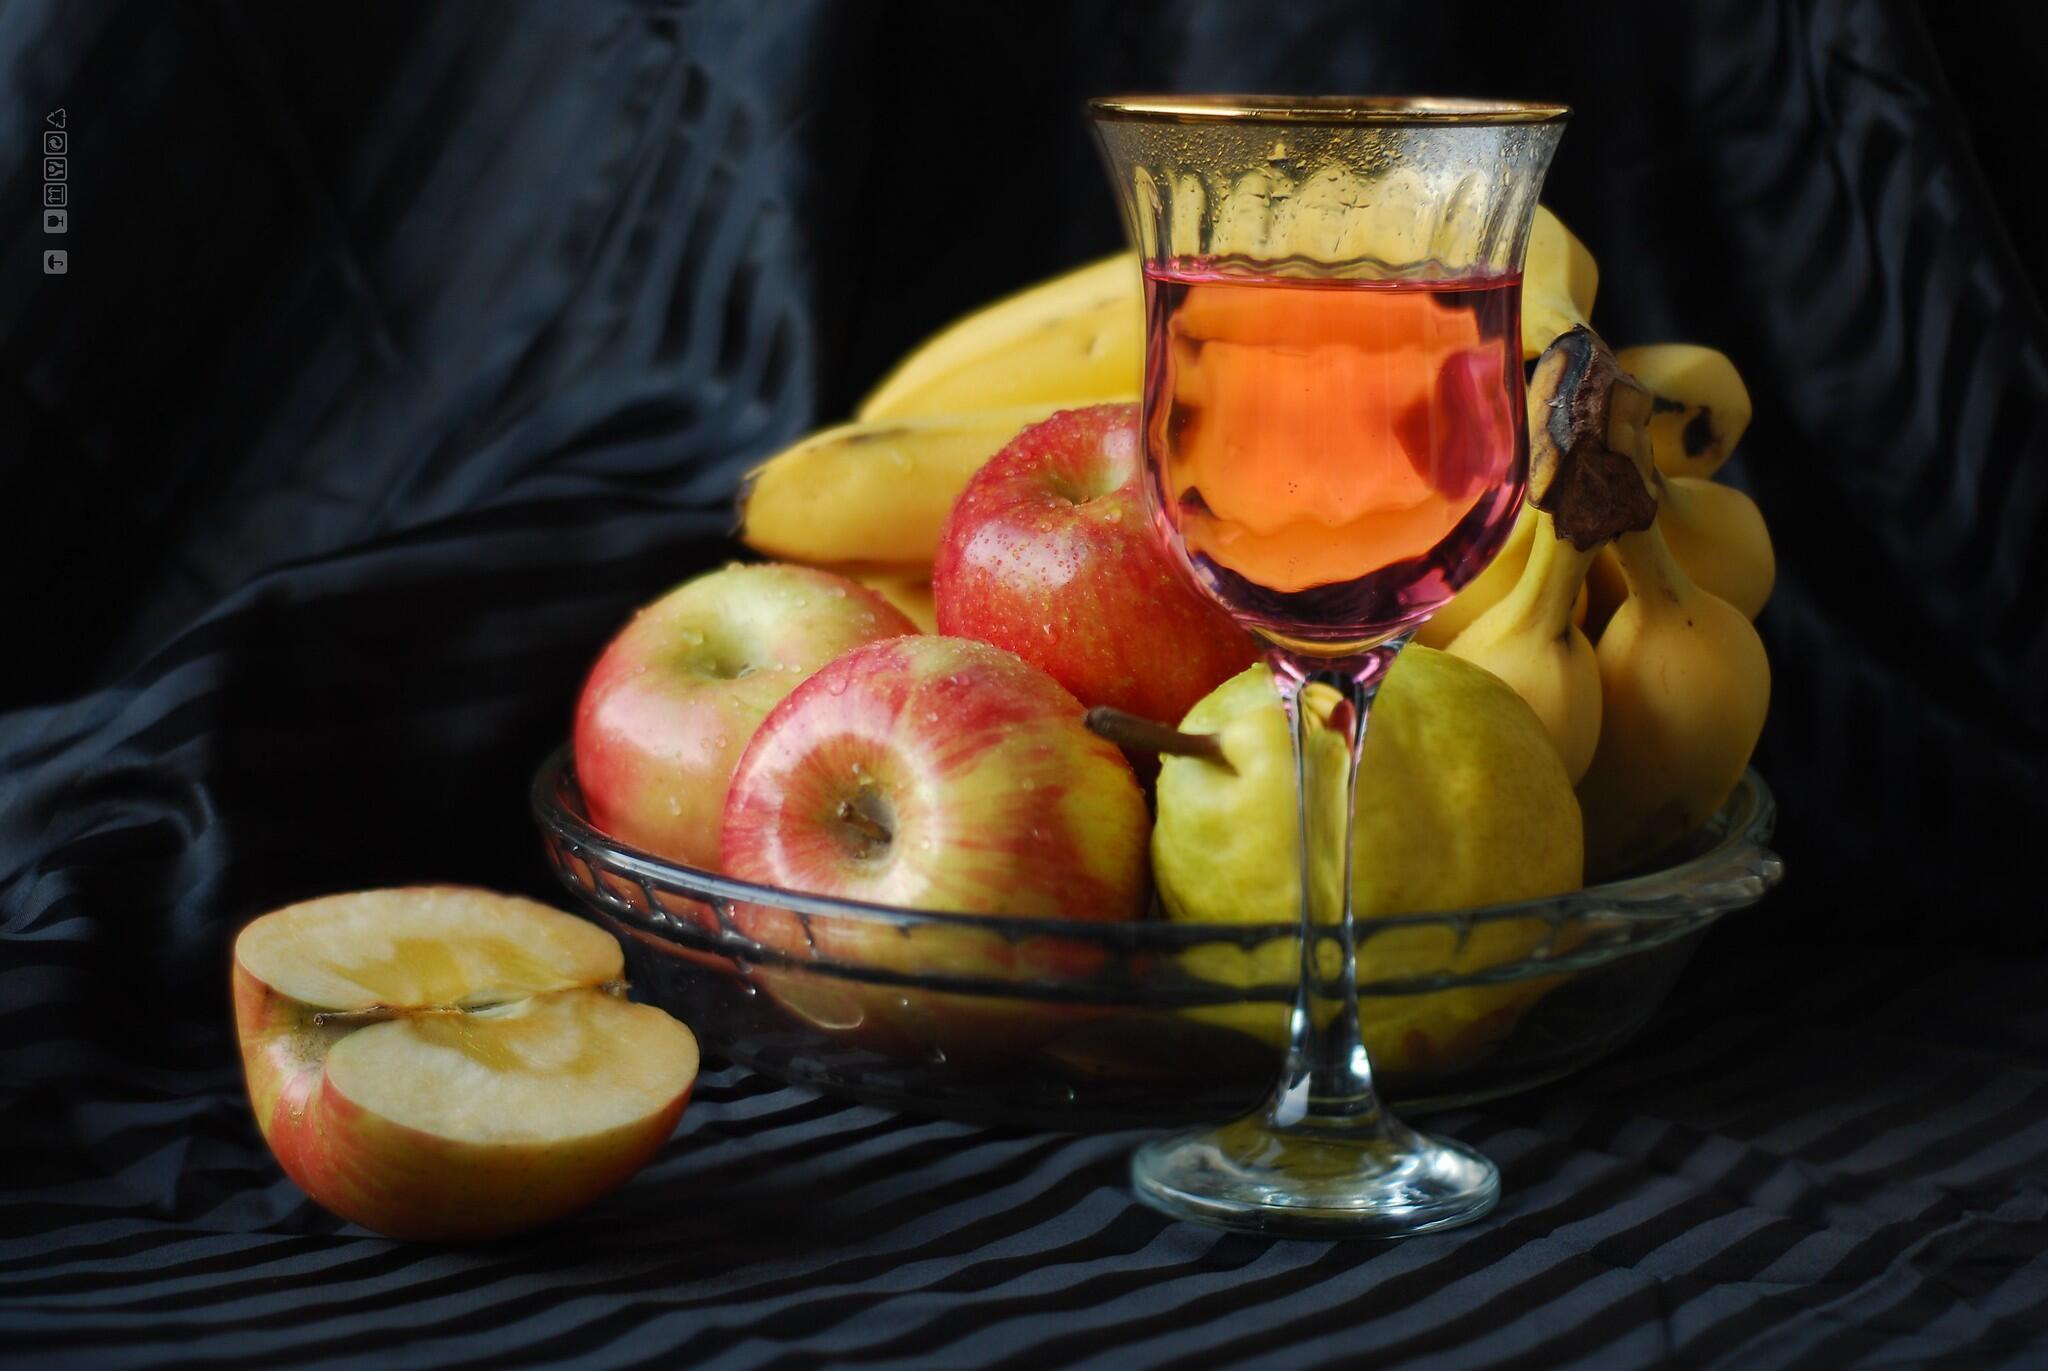 الموز وعصير التفاح وفاكهة التفاح